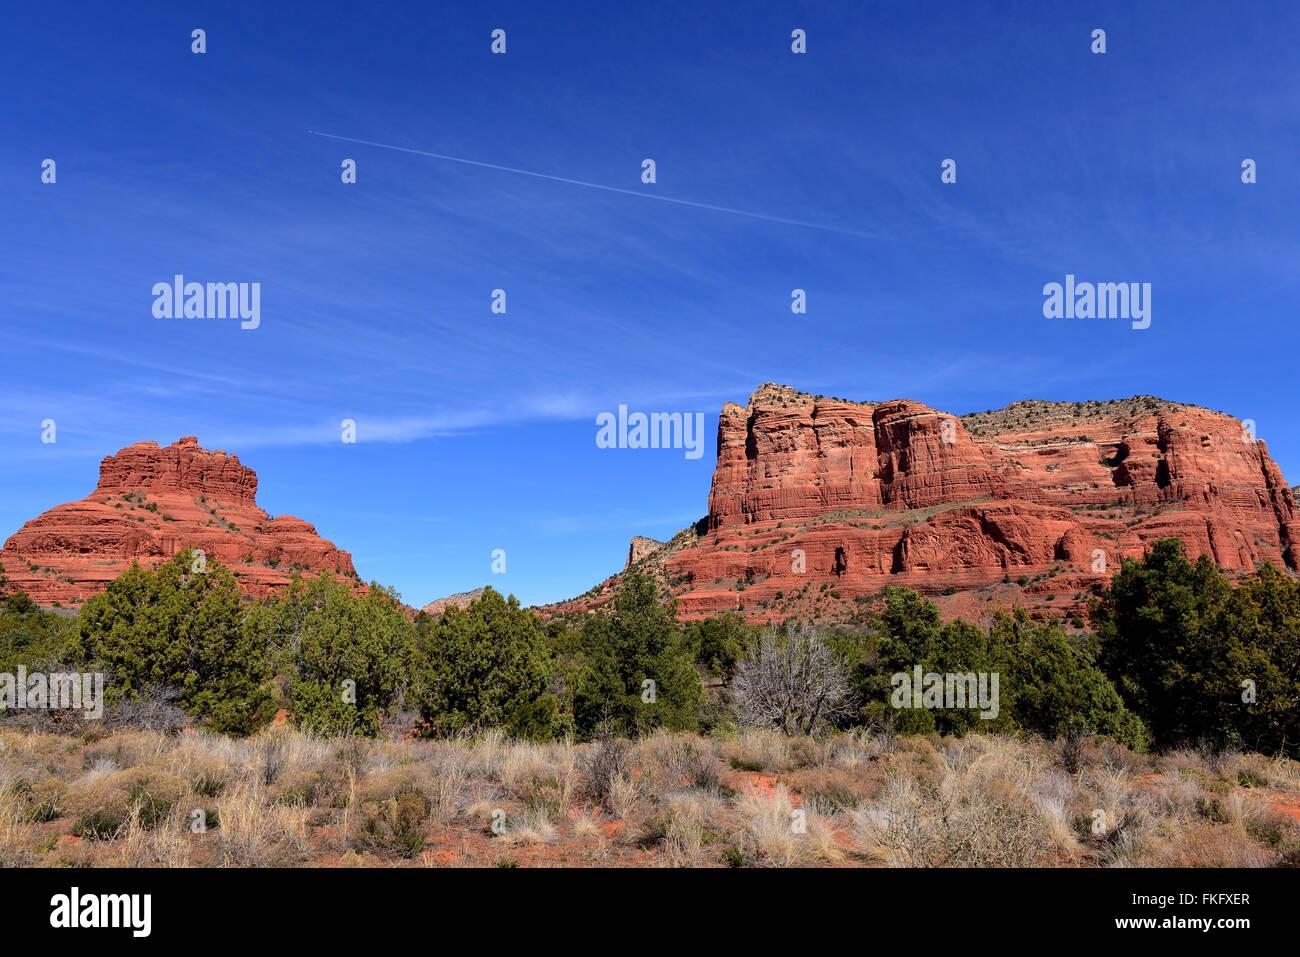 Die roten Felsformationen des Sedona Arizona, mit Bell Rock auf der linken und Jet mit Kondensstreifen am Himmel. Stockbild